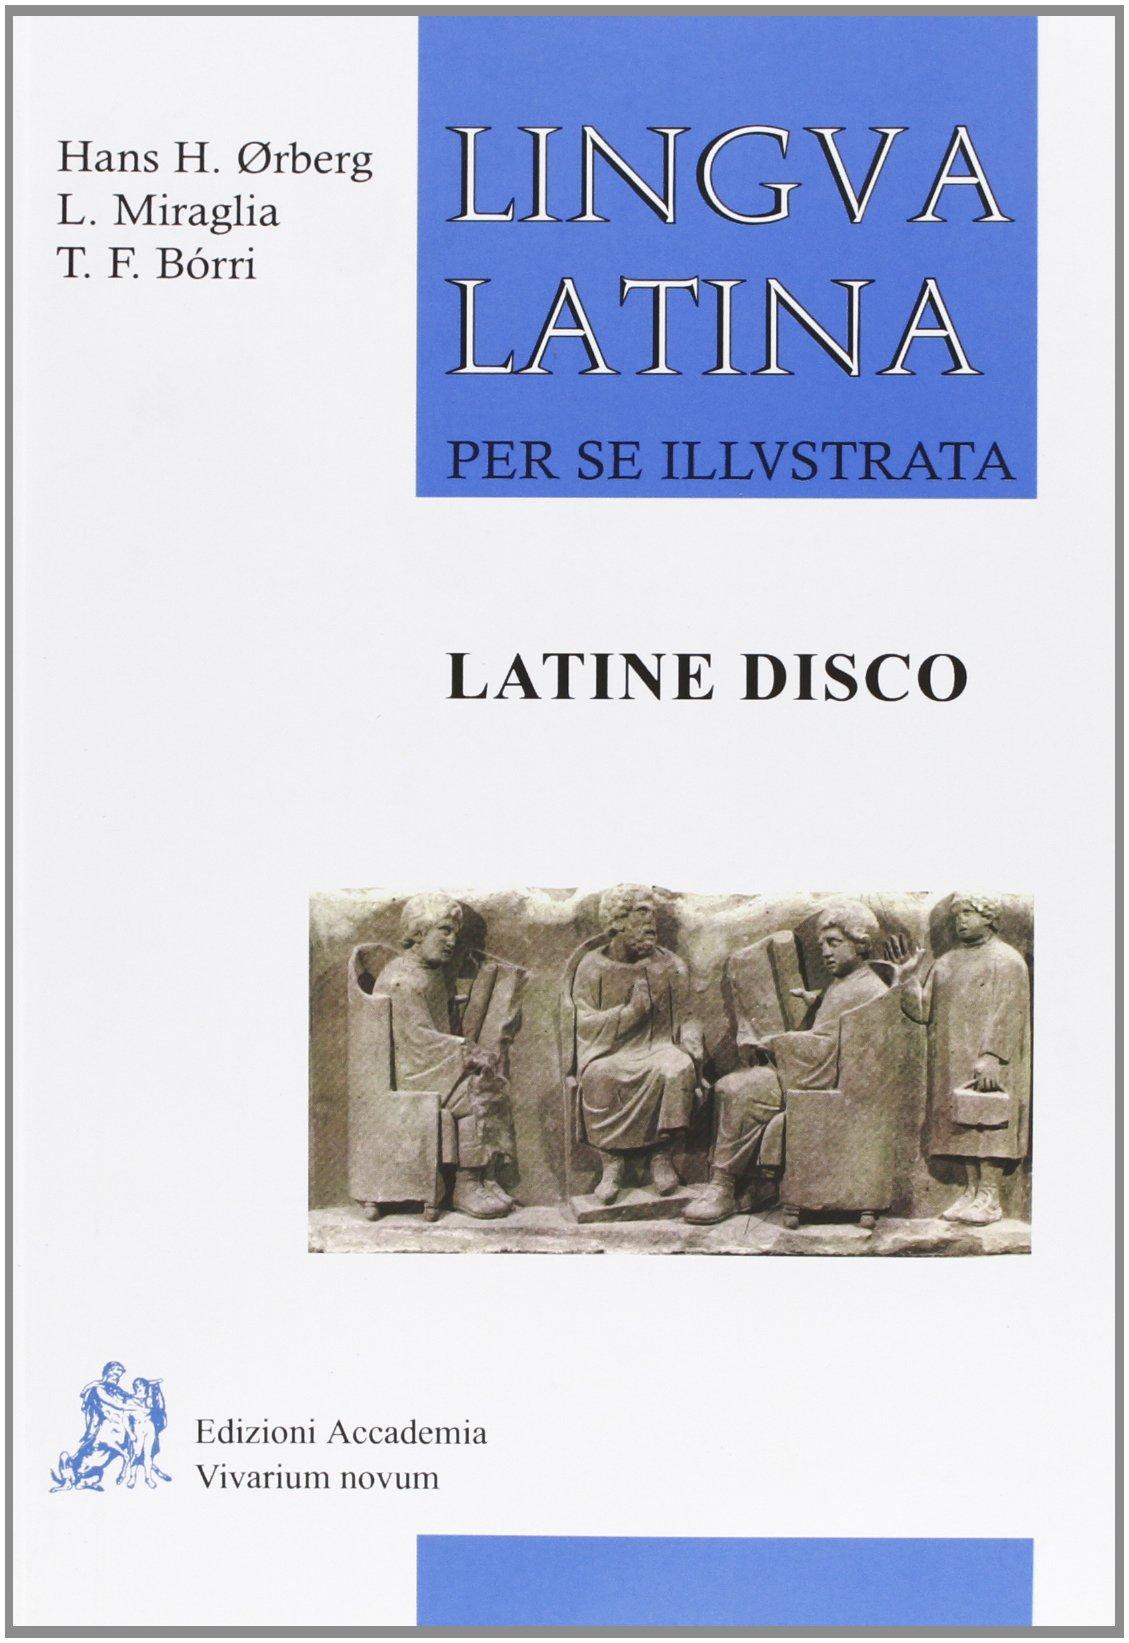 LATINE DISCO - EDIZIONE COMPATTA / LINGUA LATINA PER SE ILLUSTRATA